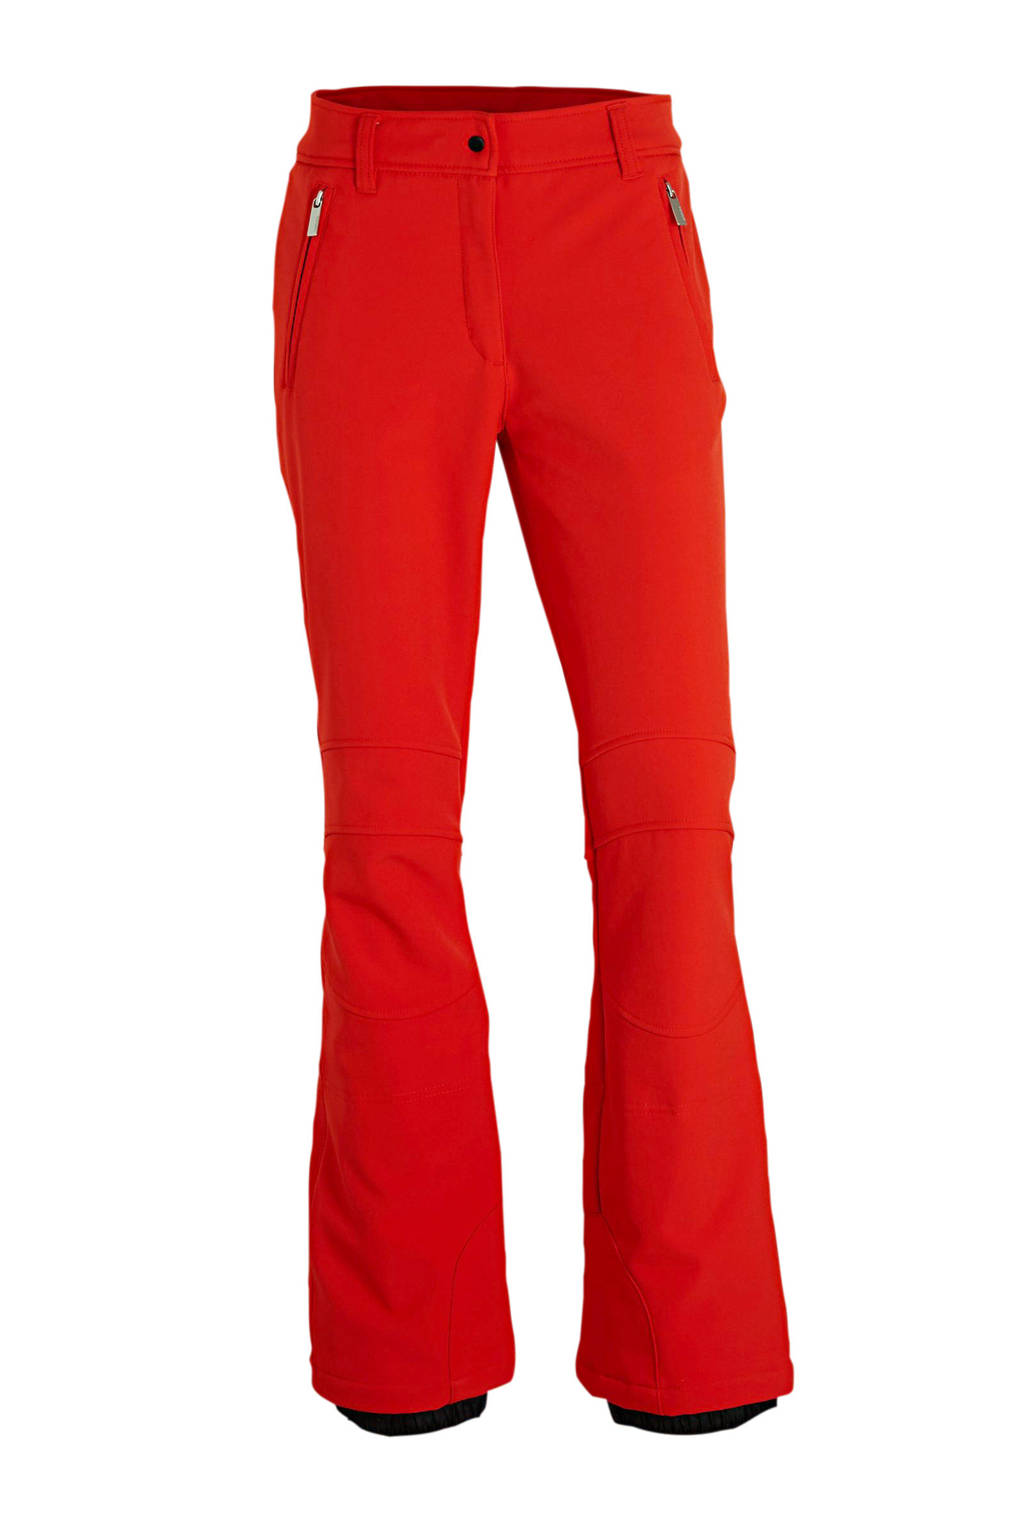 Icepeak skibroek Entiat rood, Rood